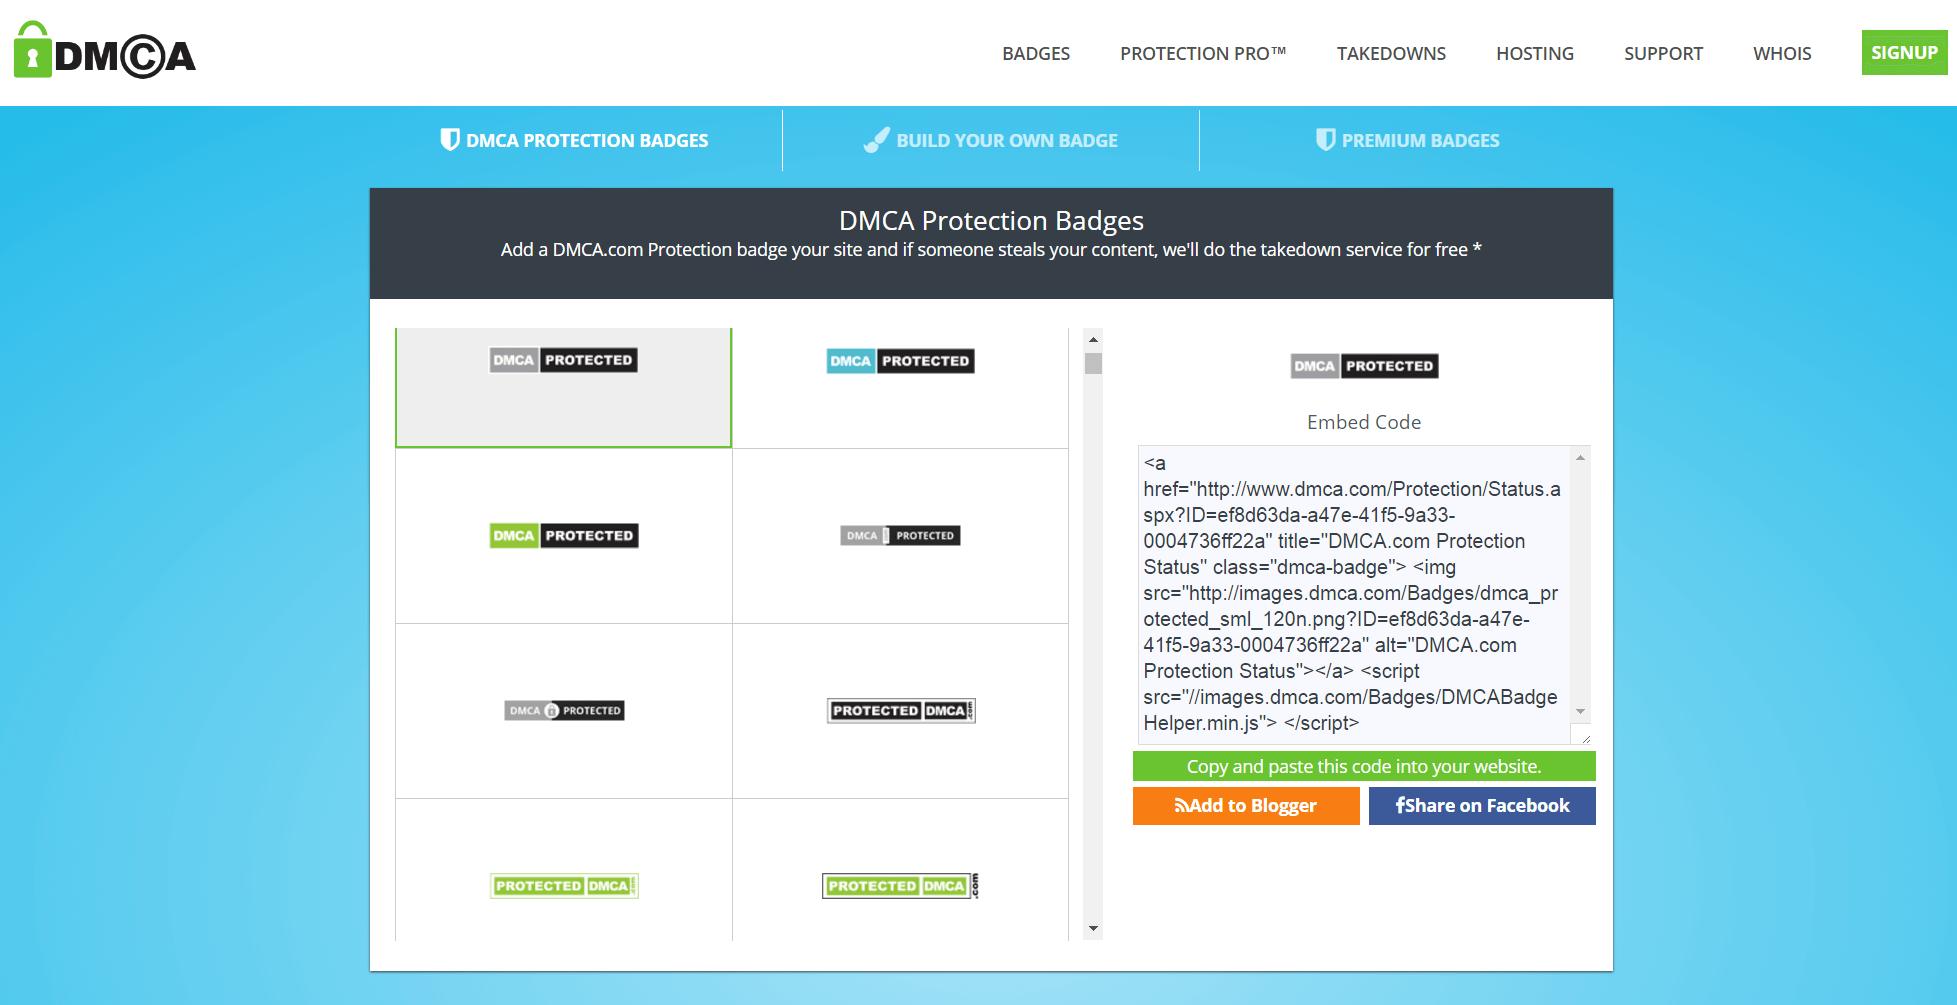 DMCA com Website Protection Badges